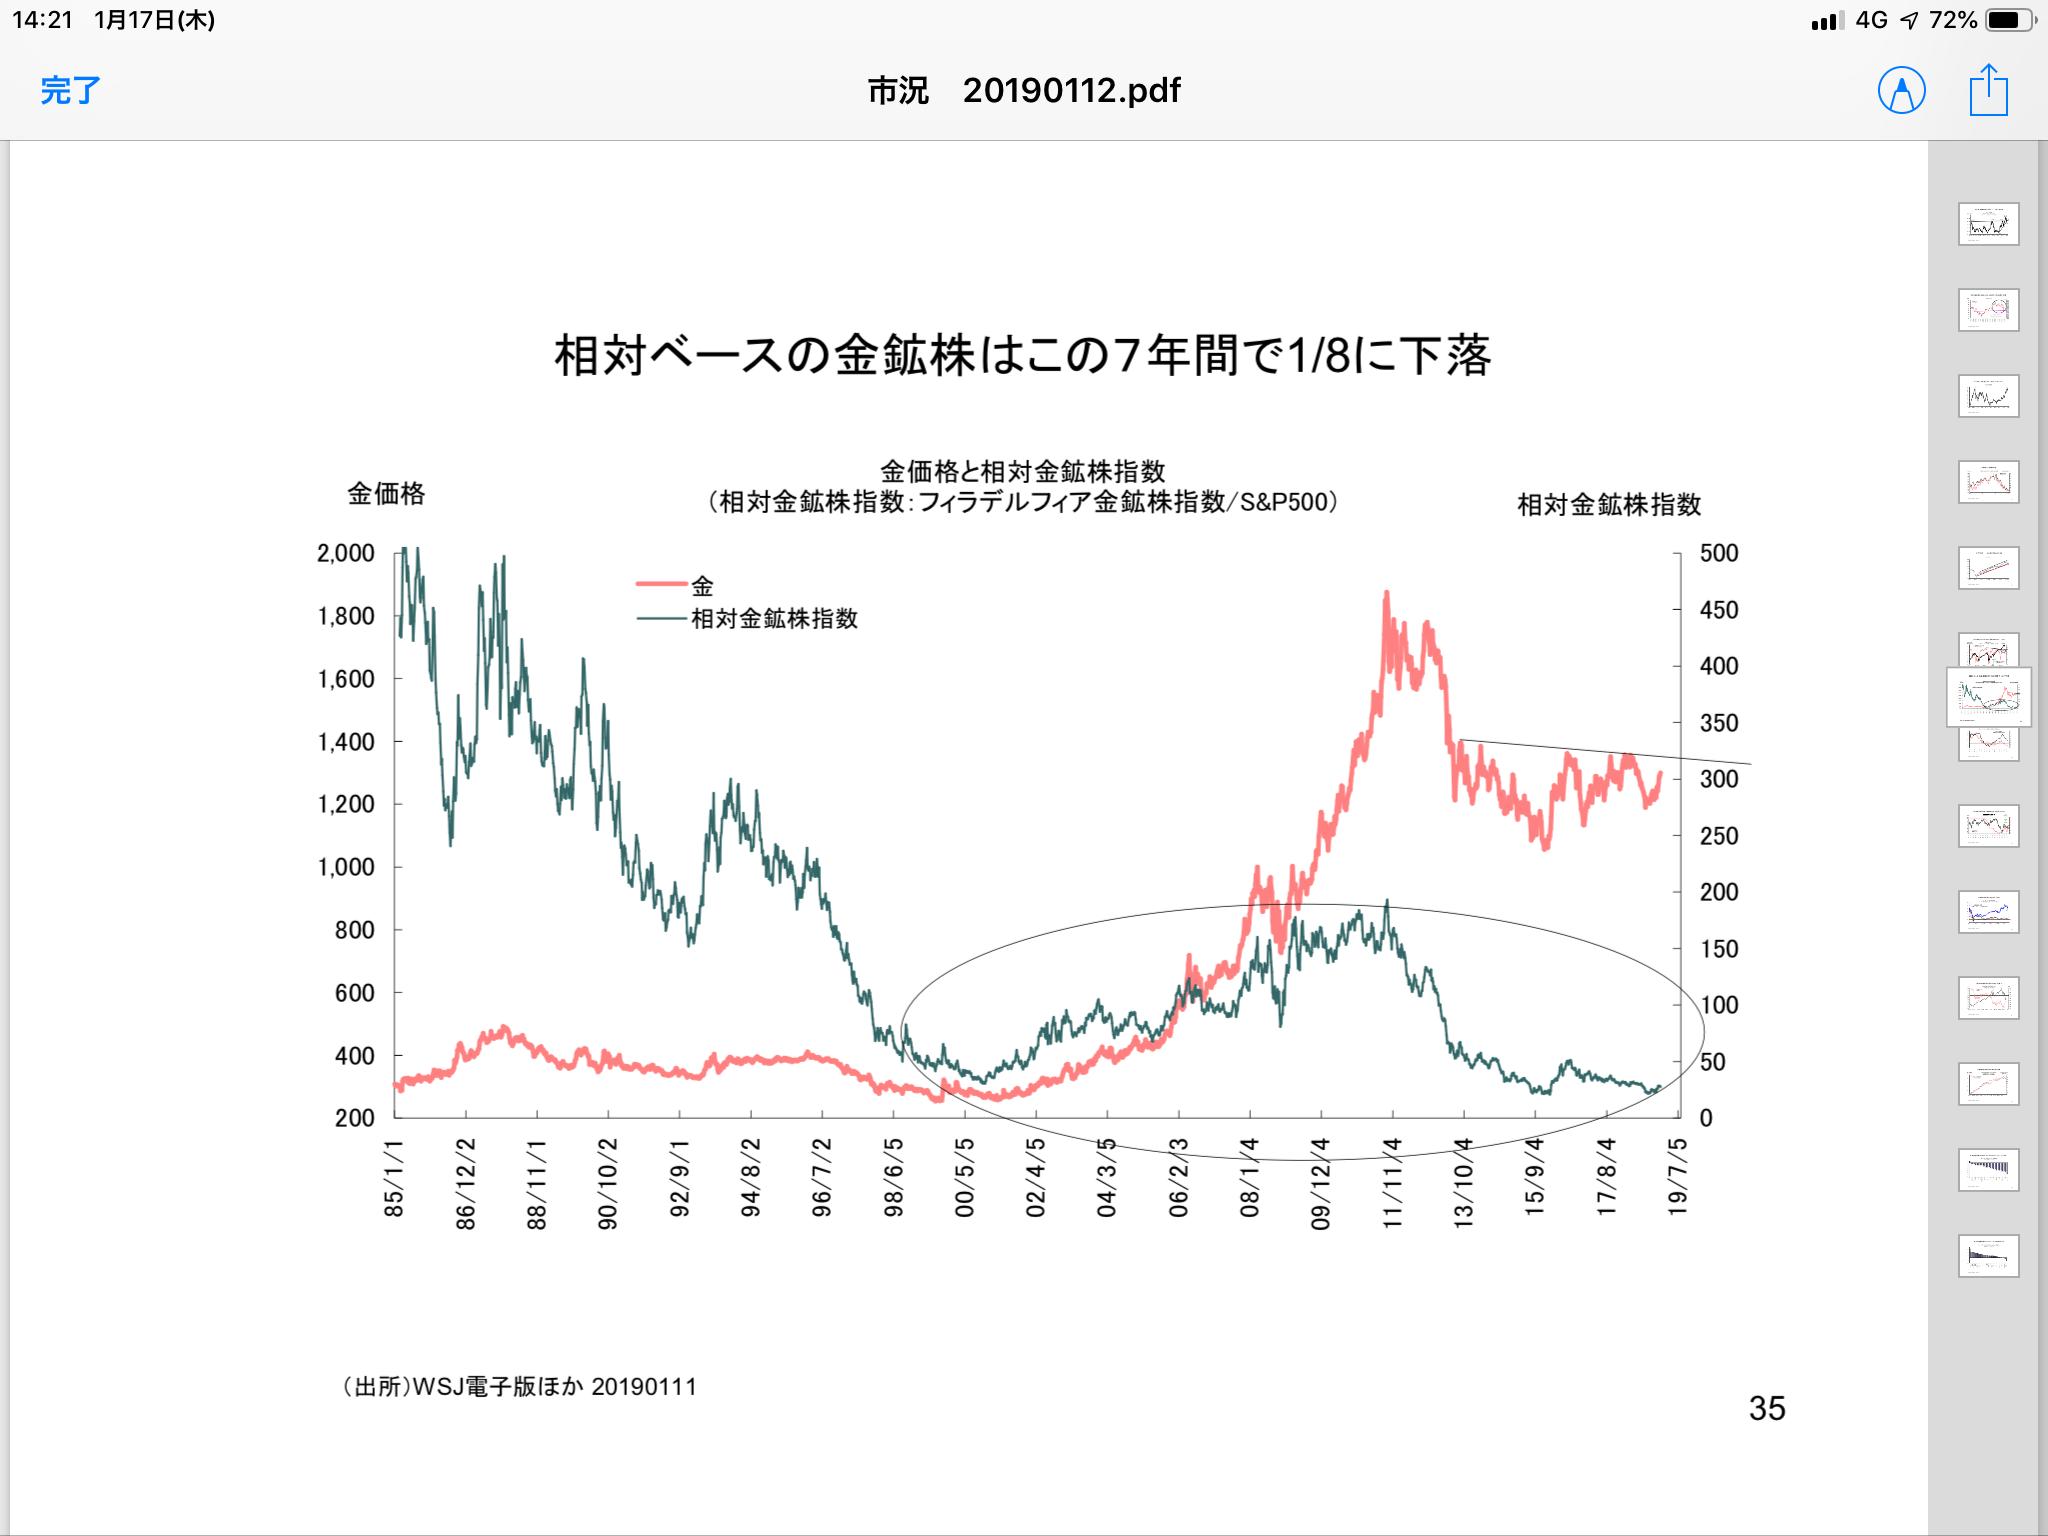 阪急 百貨店 株価